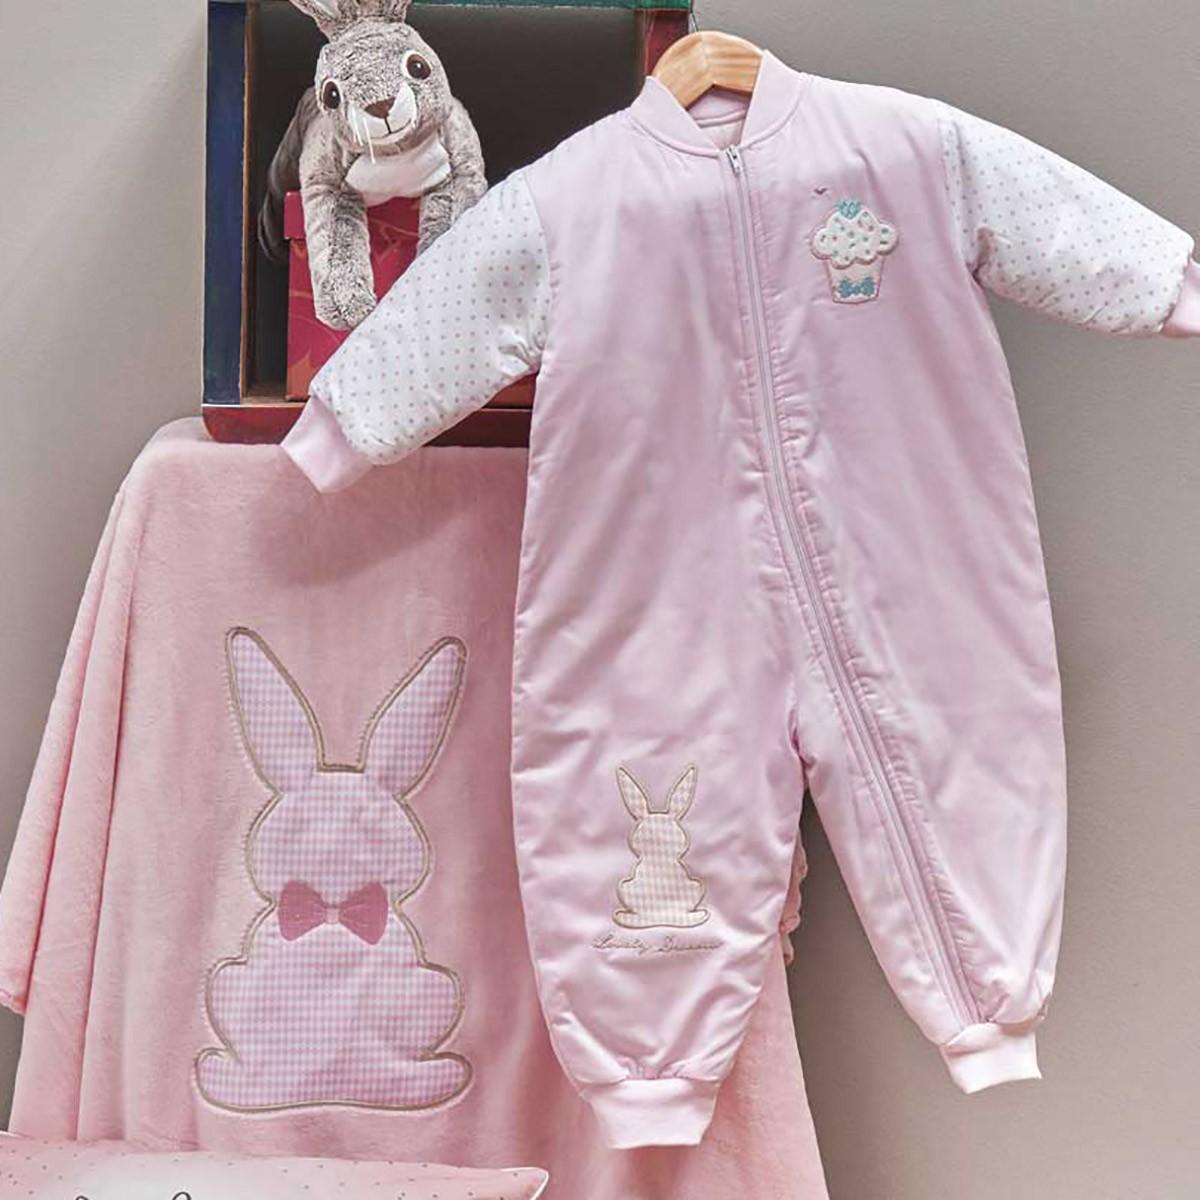 Υπνόσακος (6-12 μηνών) Kentia Baby Rabbit 14